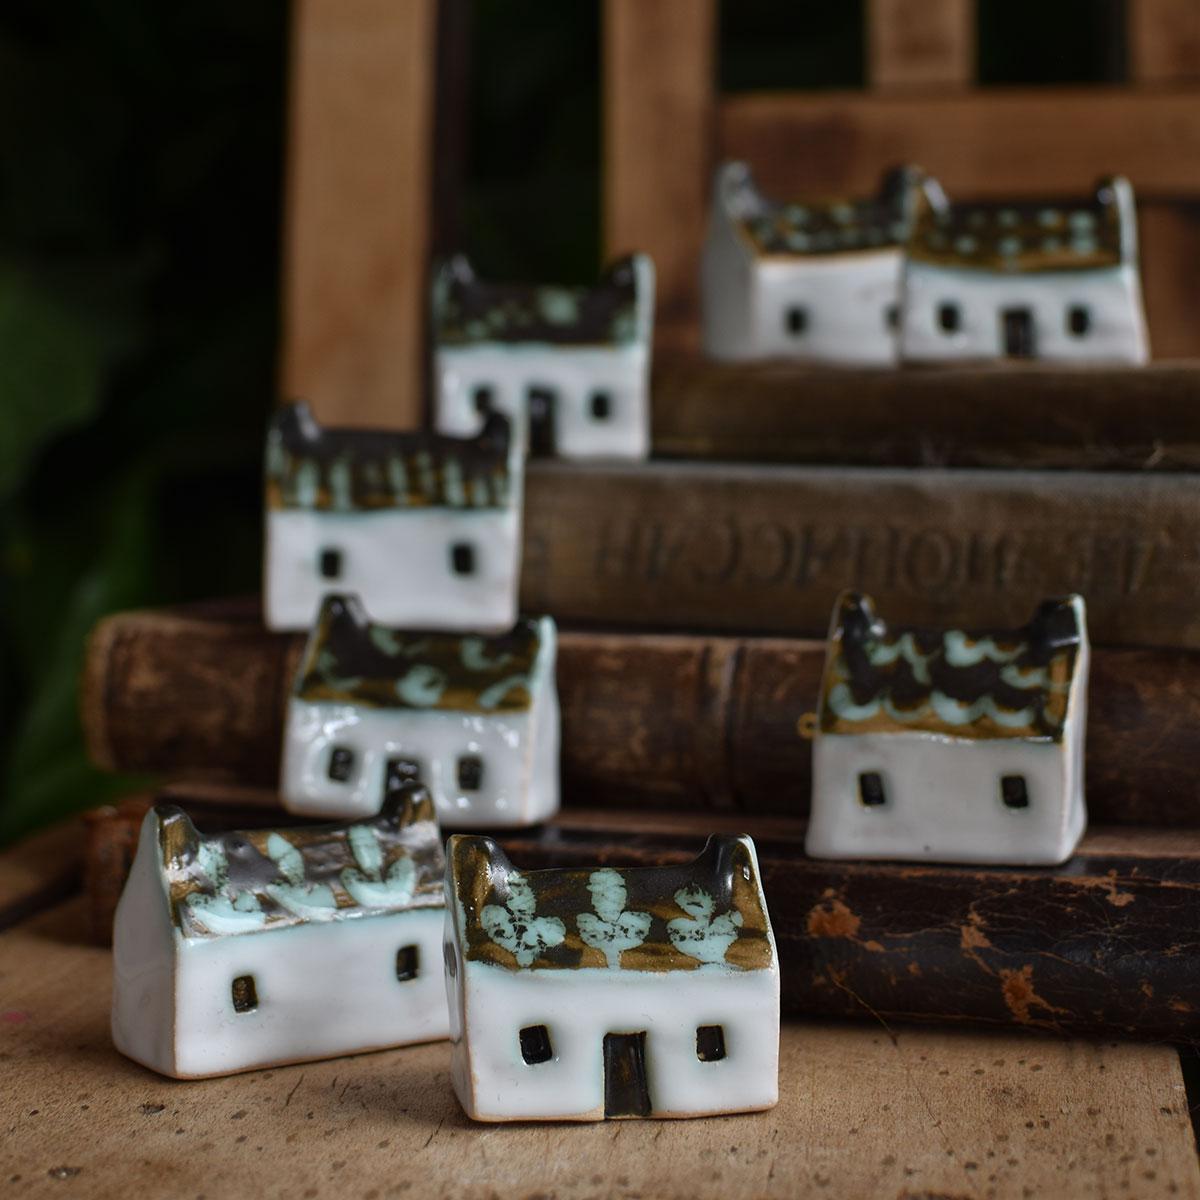 картинка Маленький керамический домик с двумя трубами и темной крышей - DishWishes.Ru